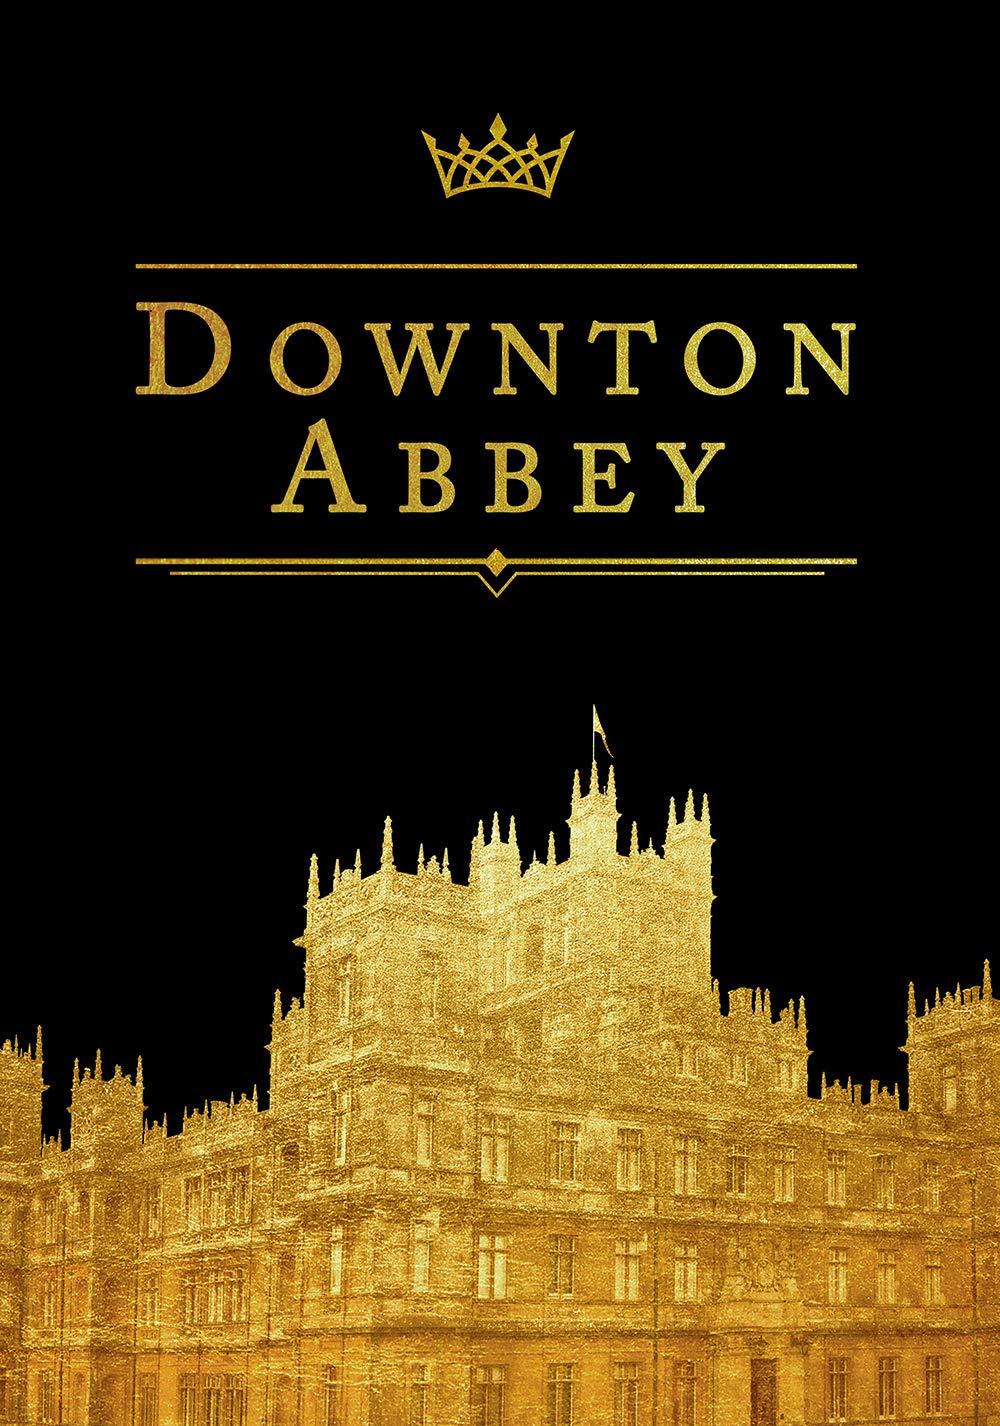 Downton Abbey: Screenplay